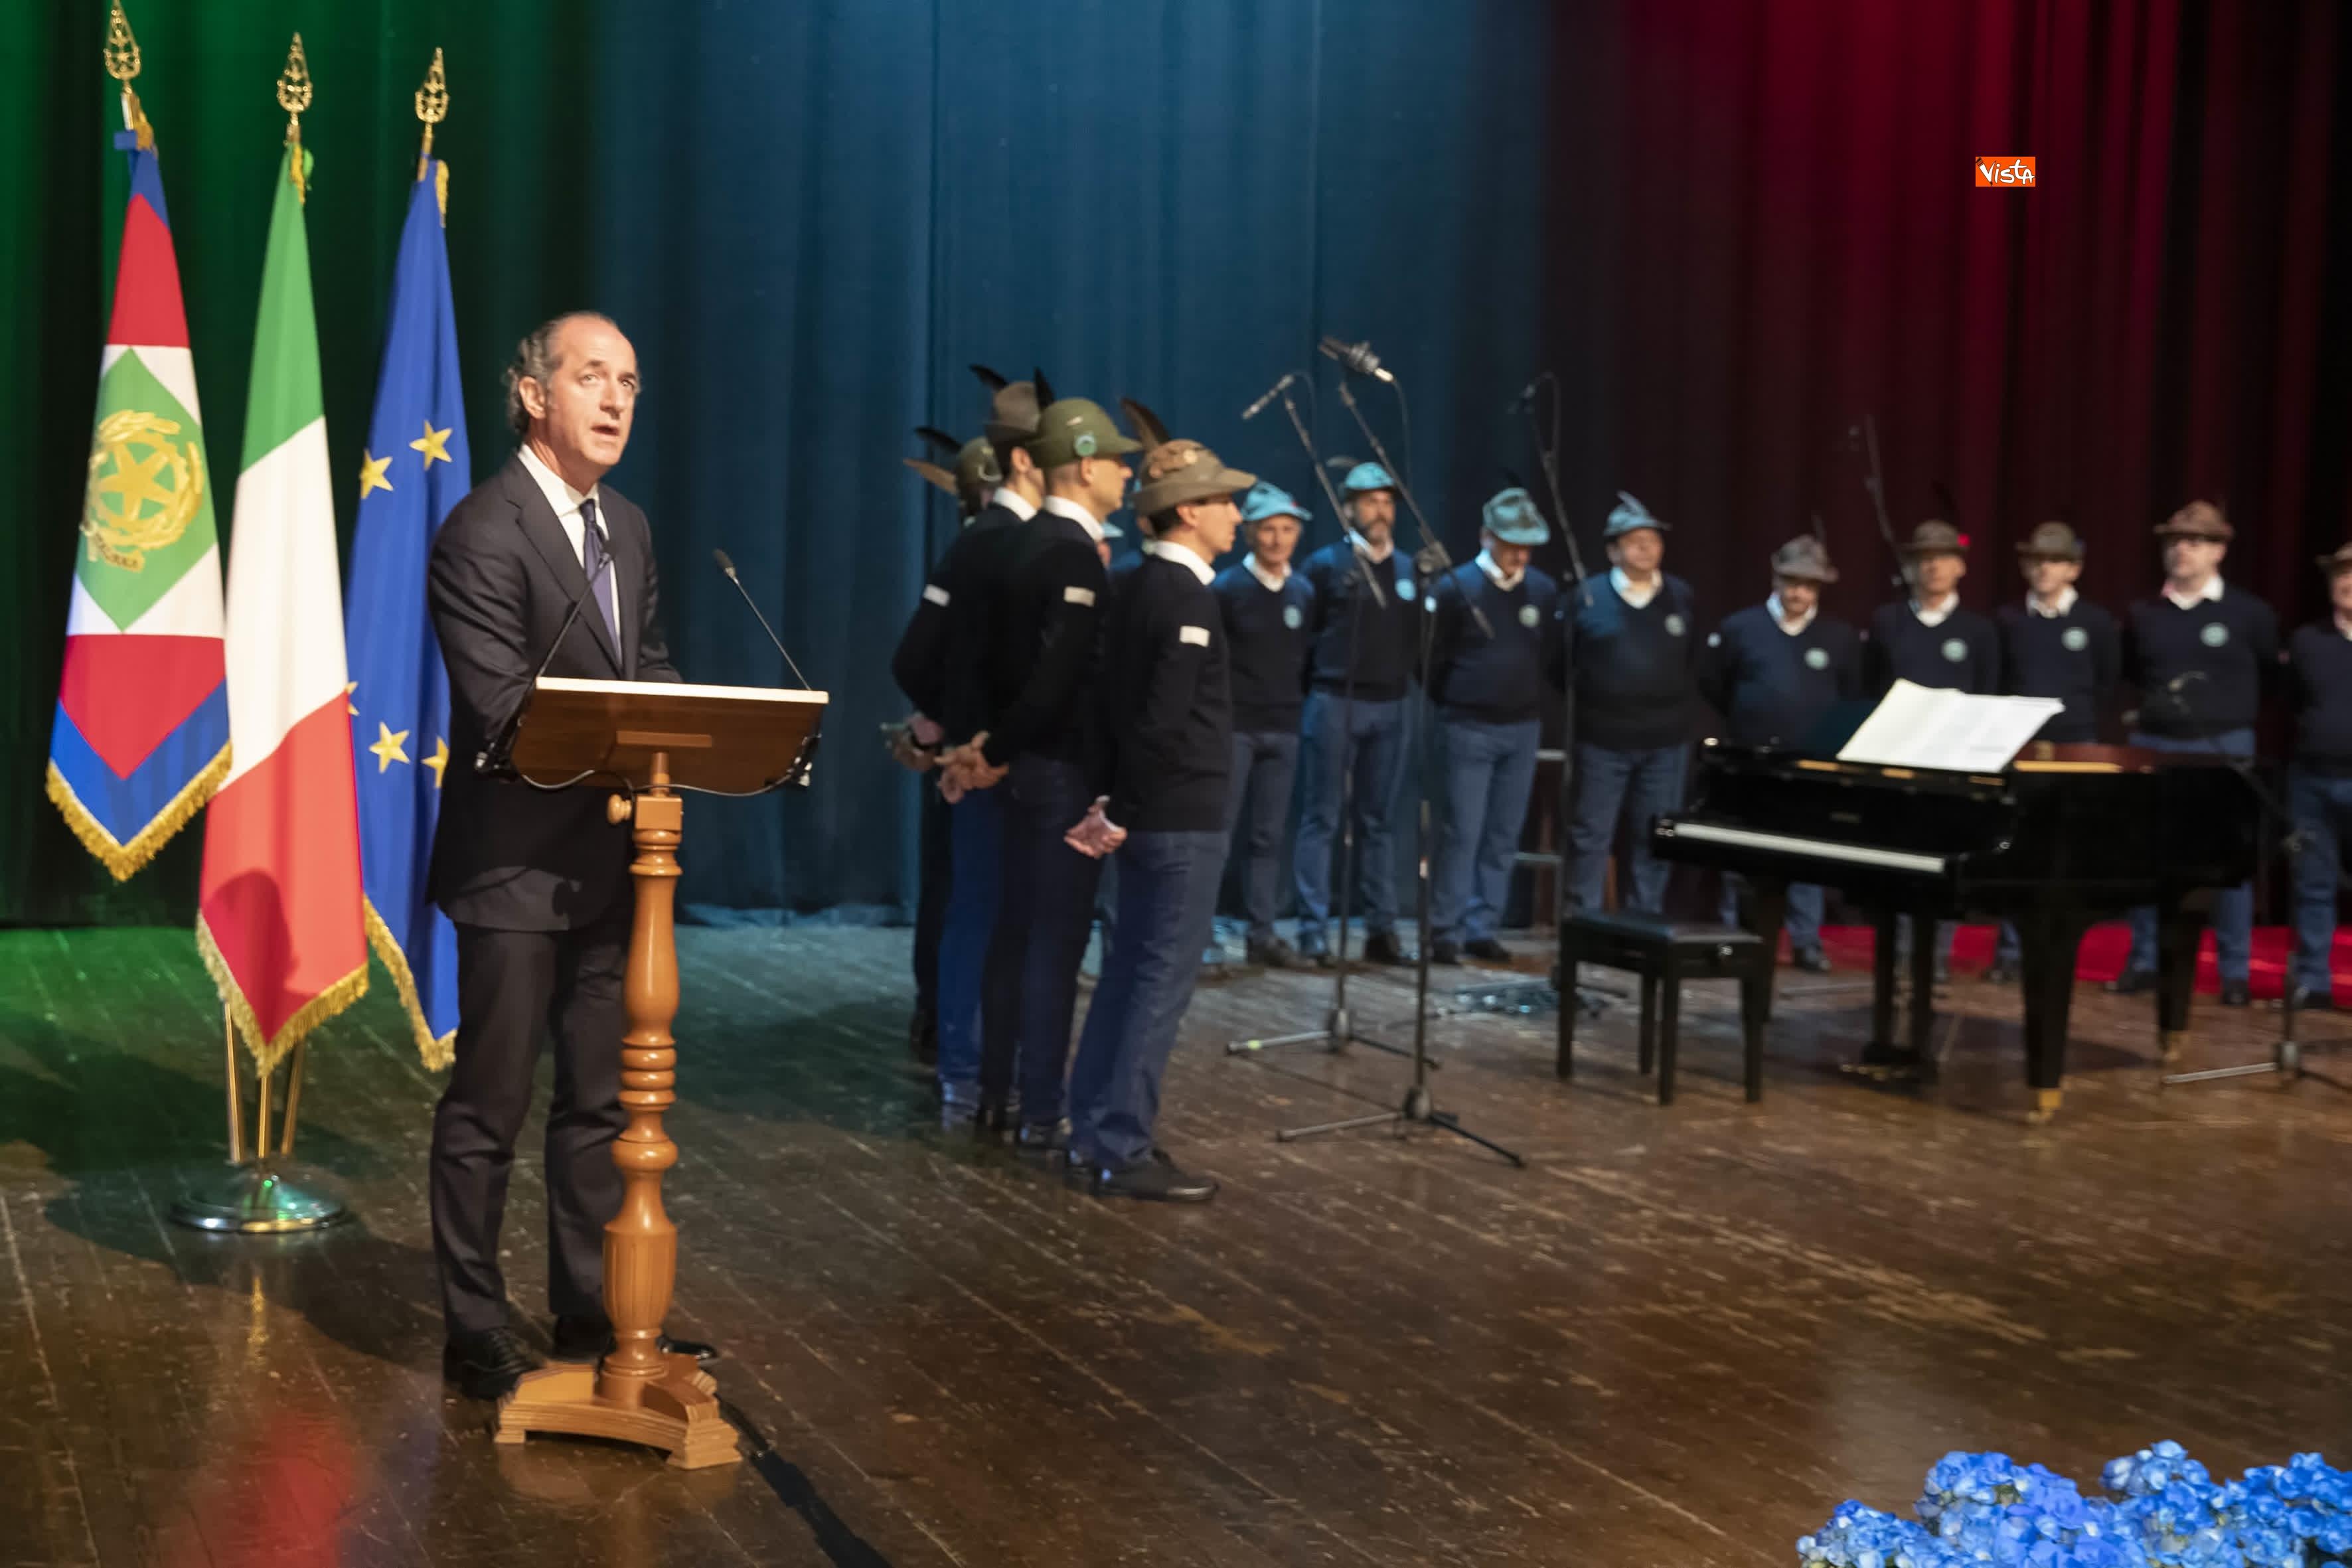 25-04-19 25 Aprile, Mattarella alla Cerimonia in occasione del 74 Anniversario della Liberazione a Vittorio Veneto_07